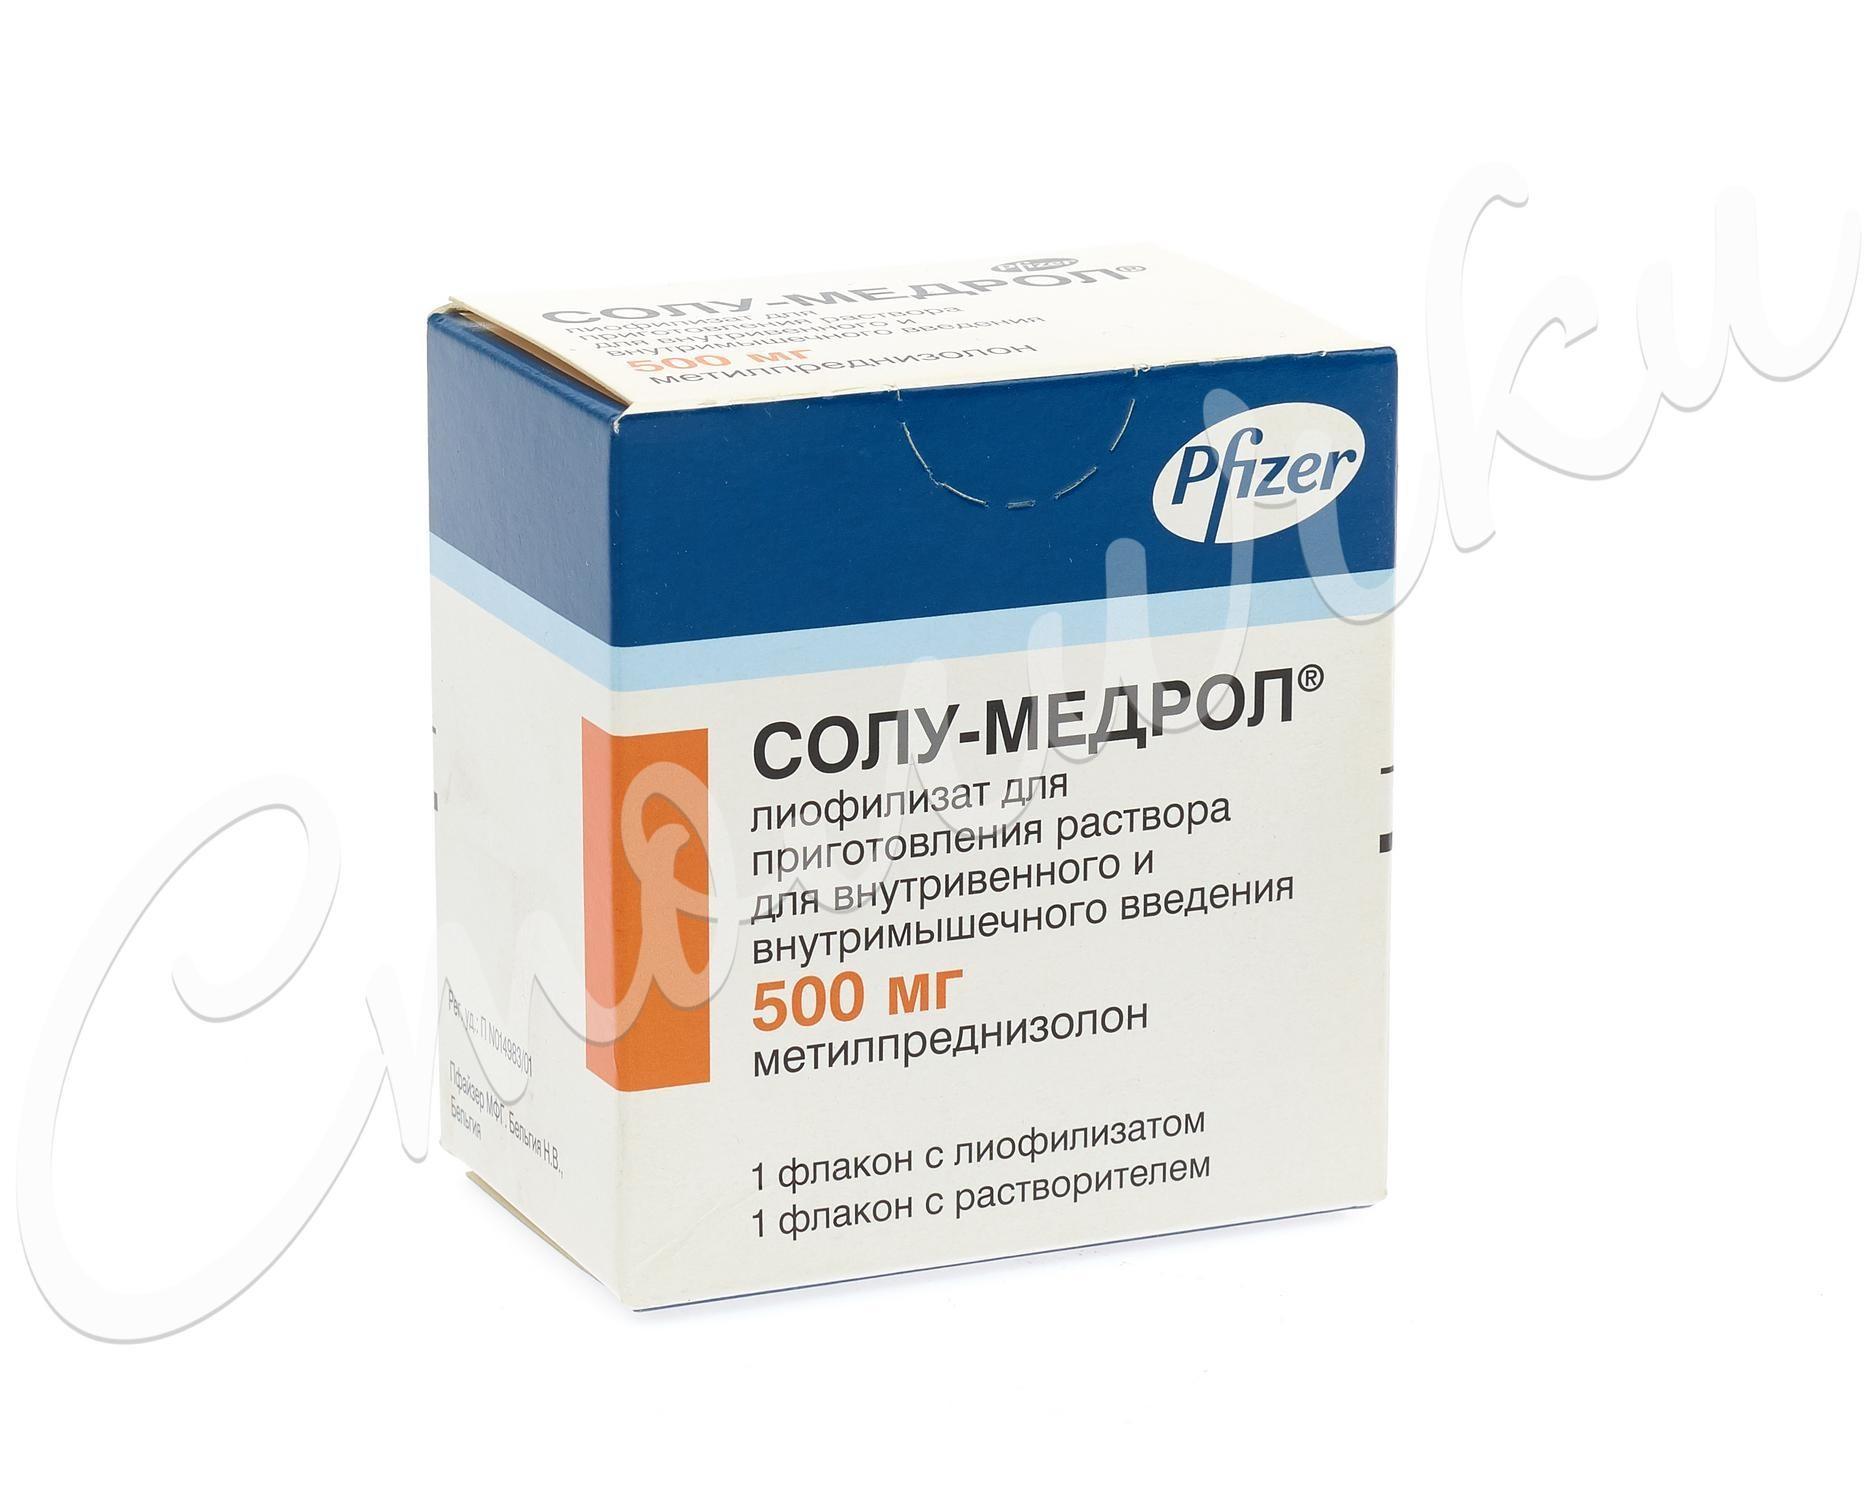 Действие препарата медрол при заболеваниях щитовидной железы